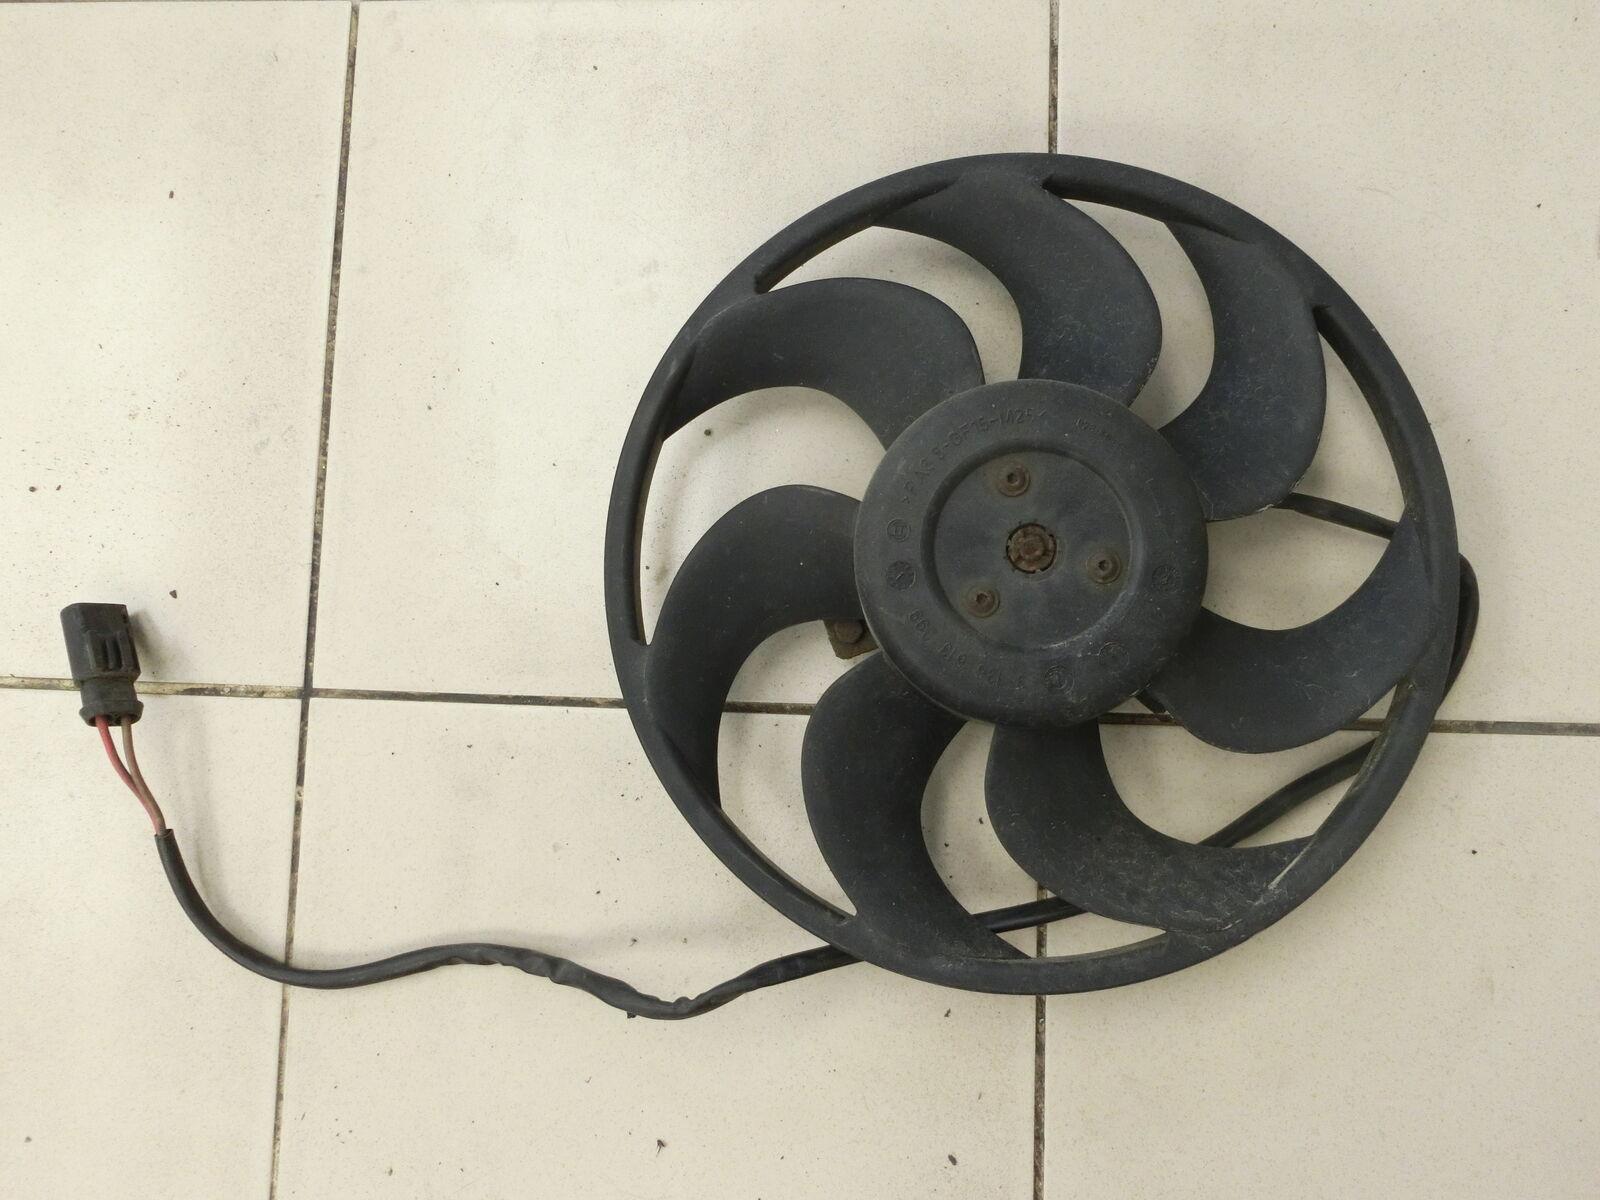 Radiator Fan fan for Radiator for Mercedes W639 Vito Viano 04-10 A6395000193